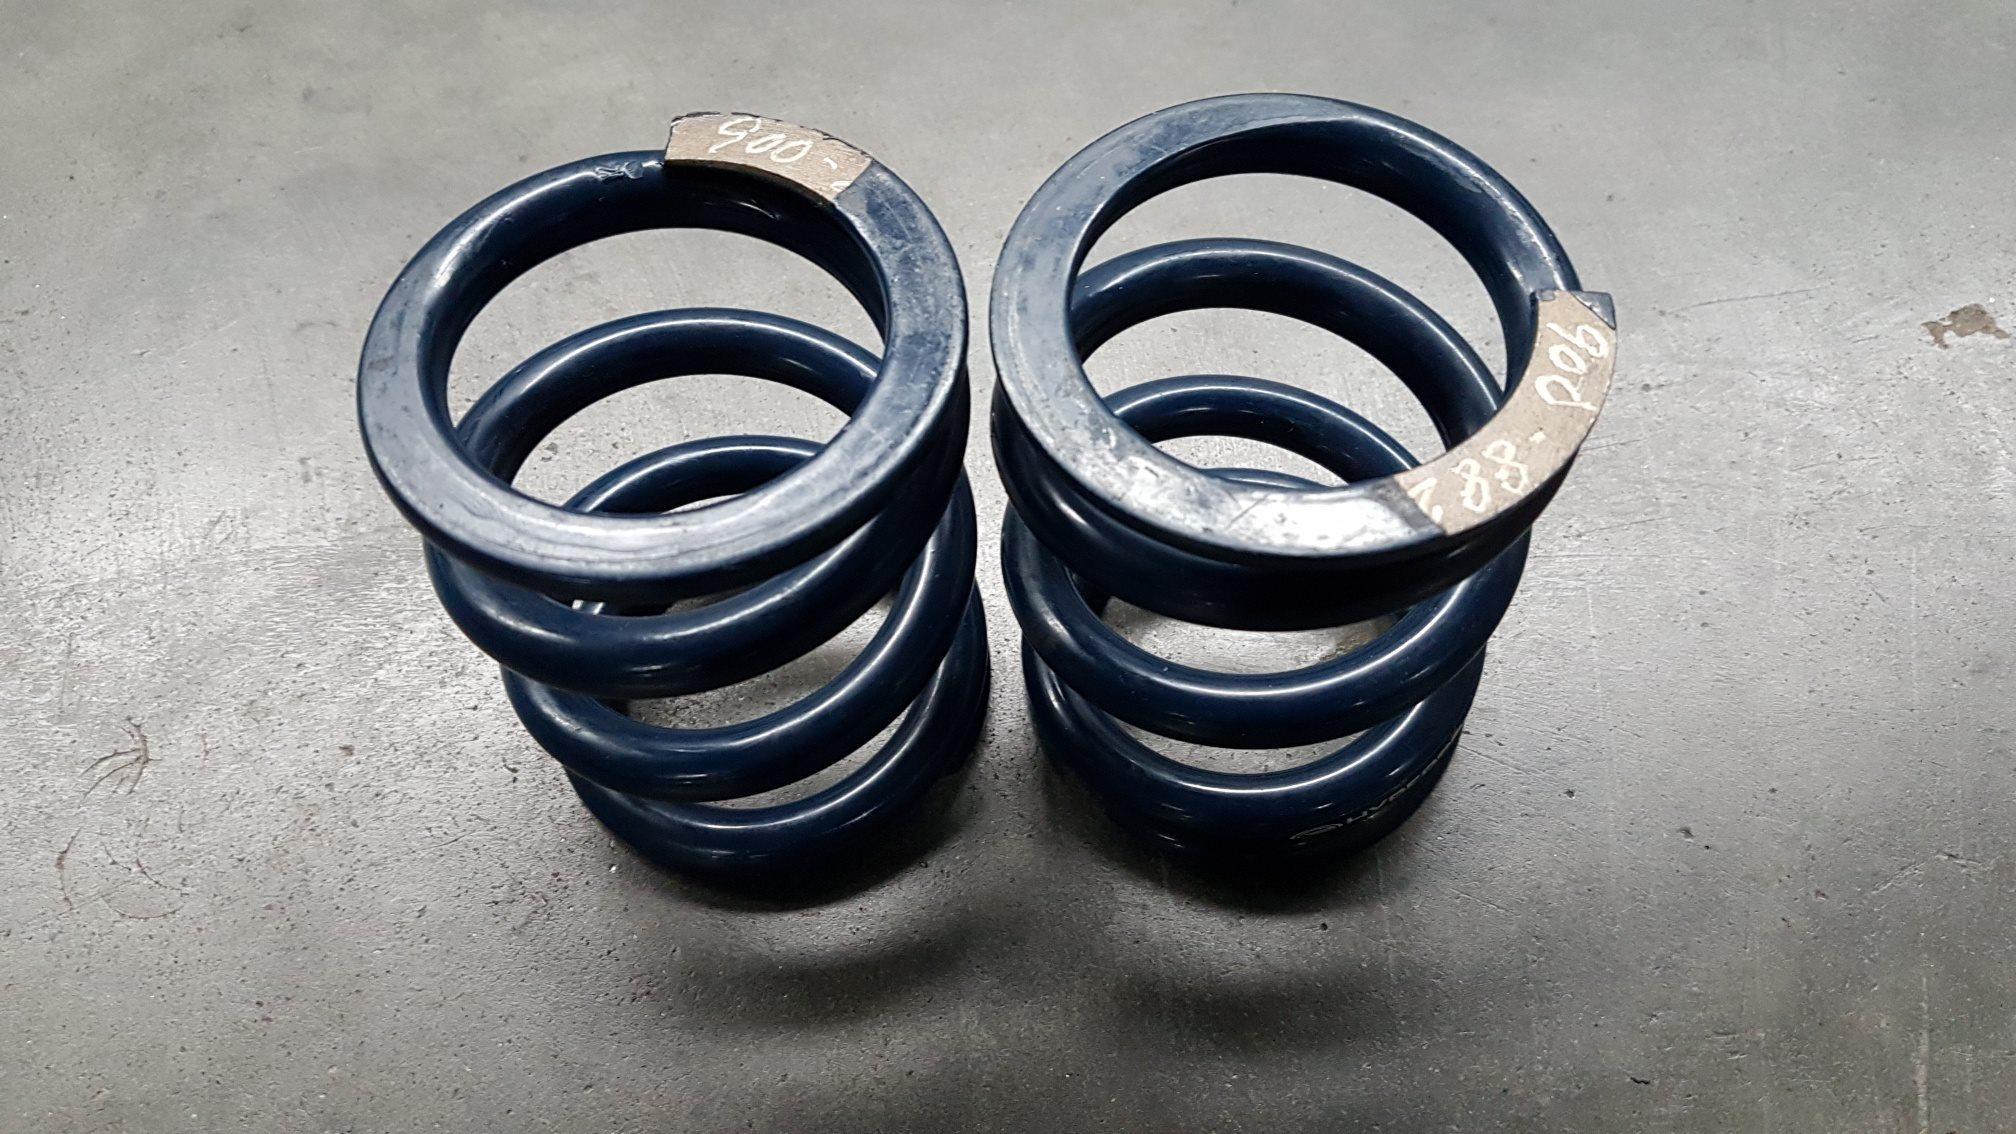 Hyperco 900lbs springs